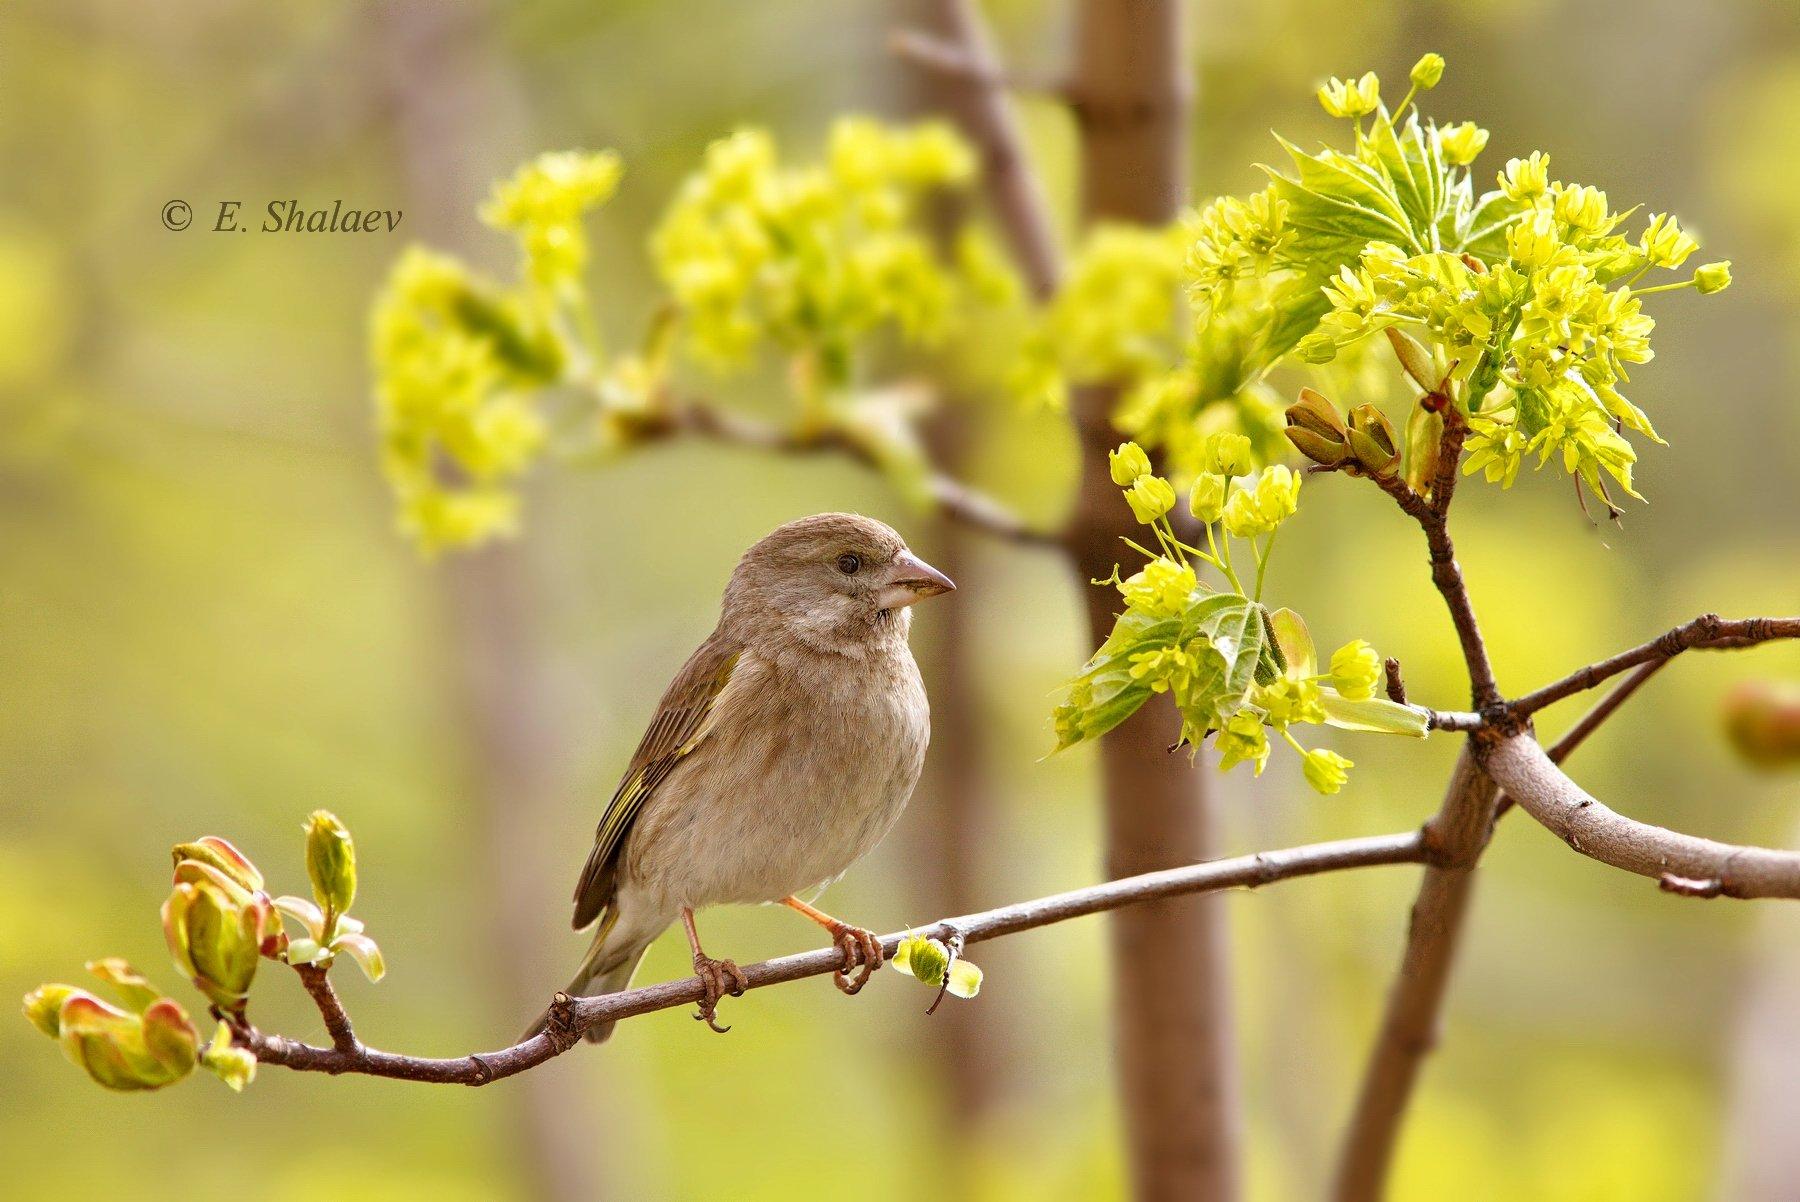 birds,carduelis chloris,european greenfinch,обыкновенная зеленушка,птица,птицы,фотоохота, Евгений